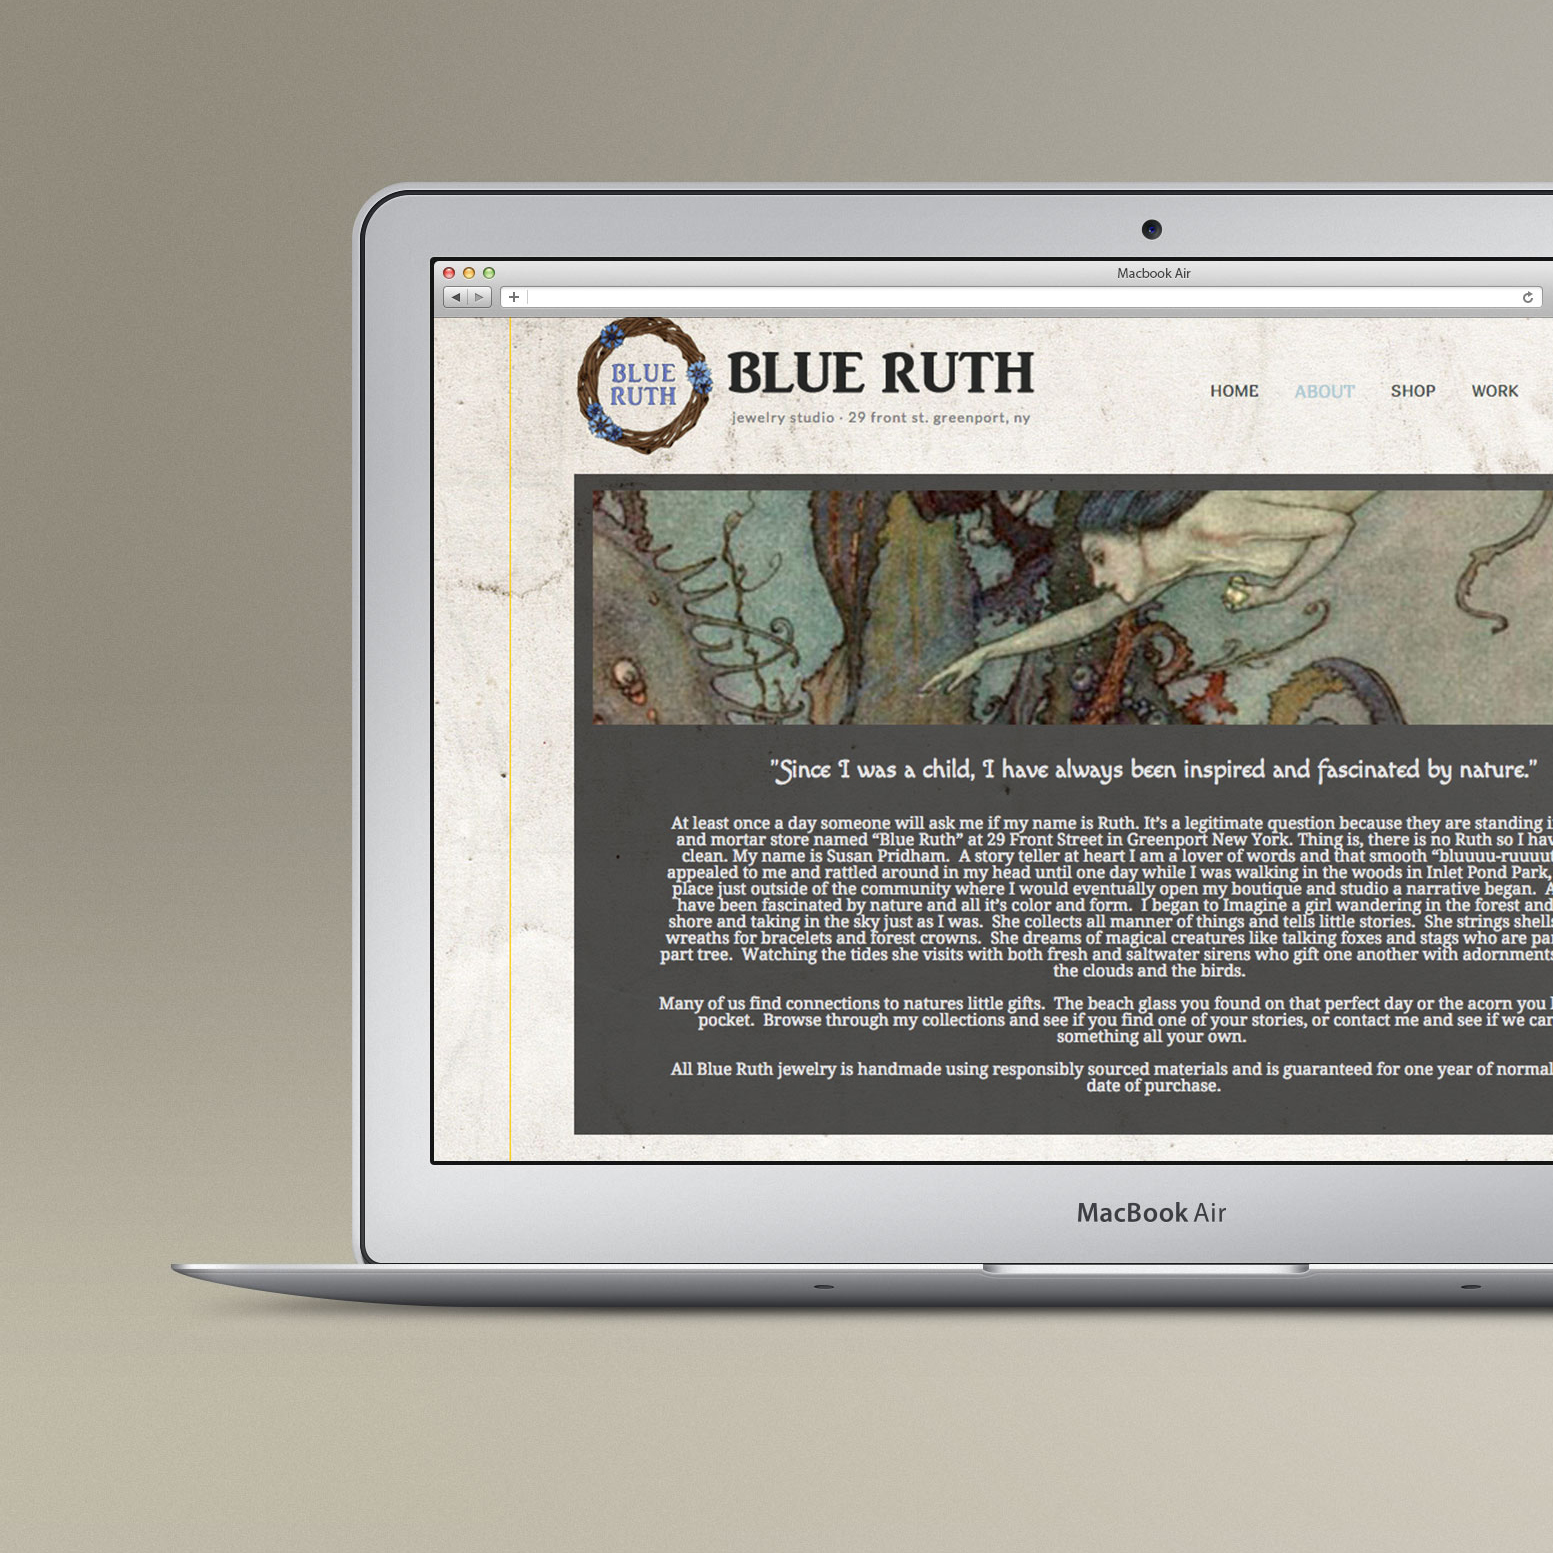 BLUE RUTH